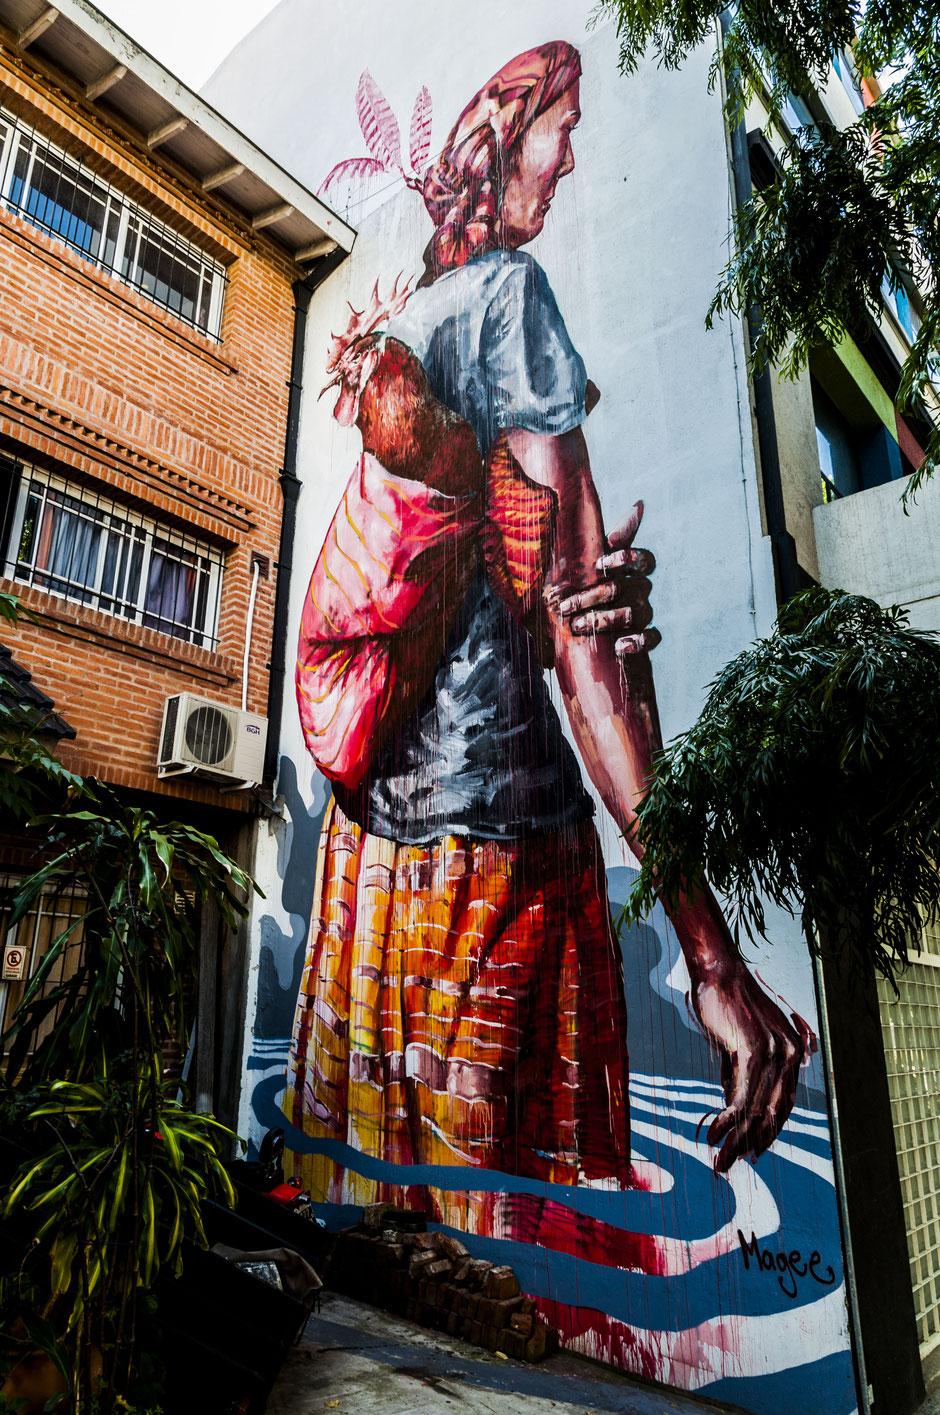 """Mein Favorit: Das Werk des australischen Künstlers Fintan Magee, mit dem Titel """"Displaced"""", dass die Fassade eines vierstöckigen Bürogebäudes schmückt."""